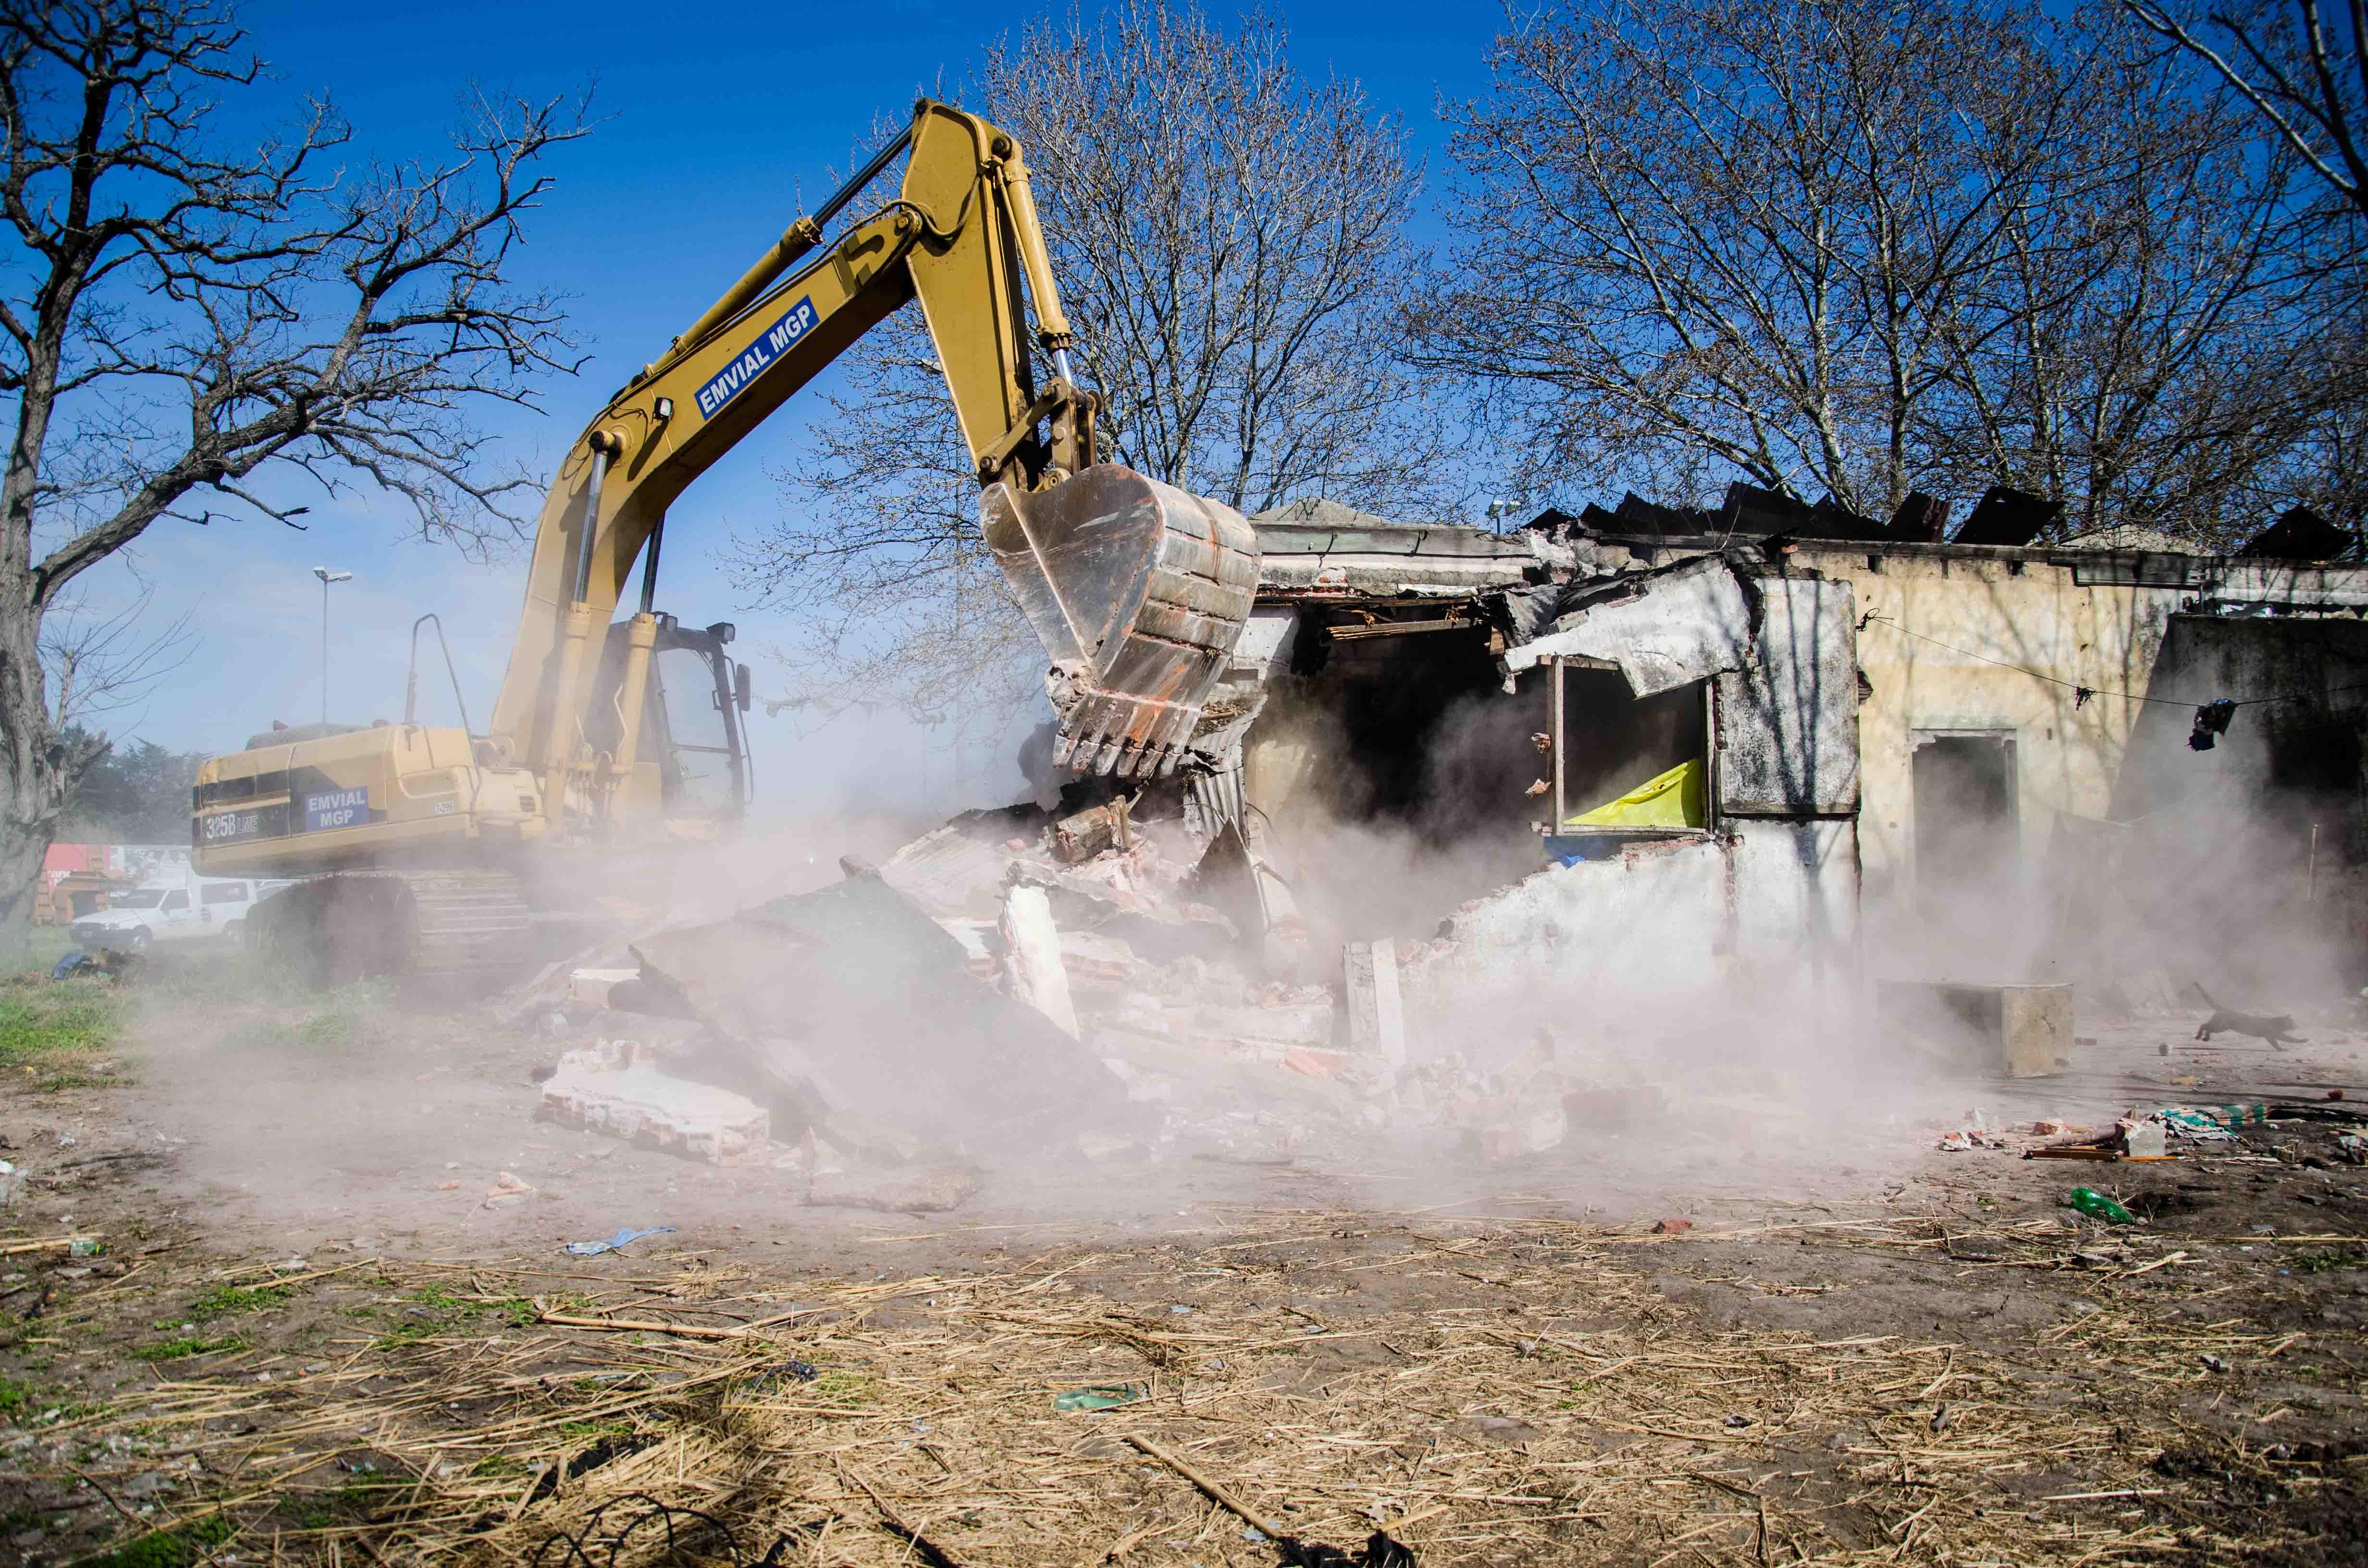 Prensa MGP - Control - Protección Ciudadana - Demolición - Los Pinares